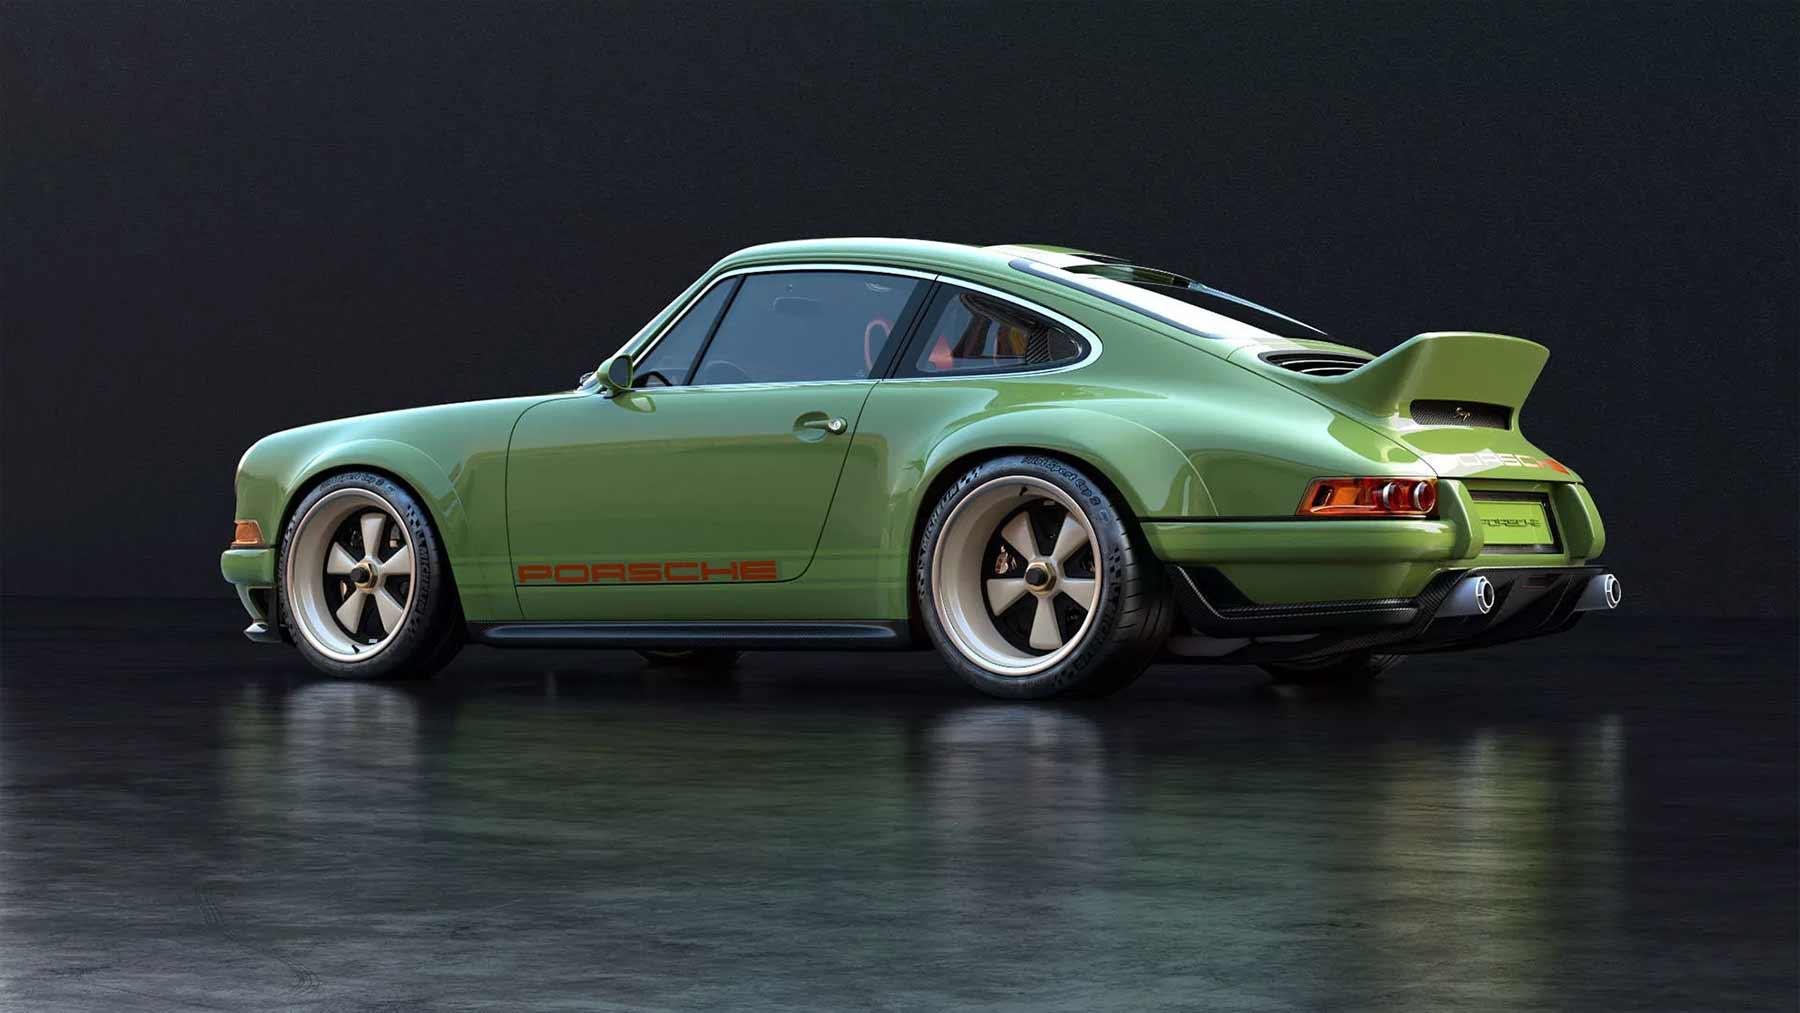 Singer Porsche 964 DLS Singer-Porsche-964-DLS_03